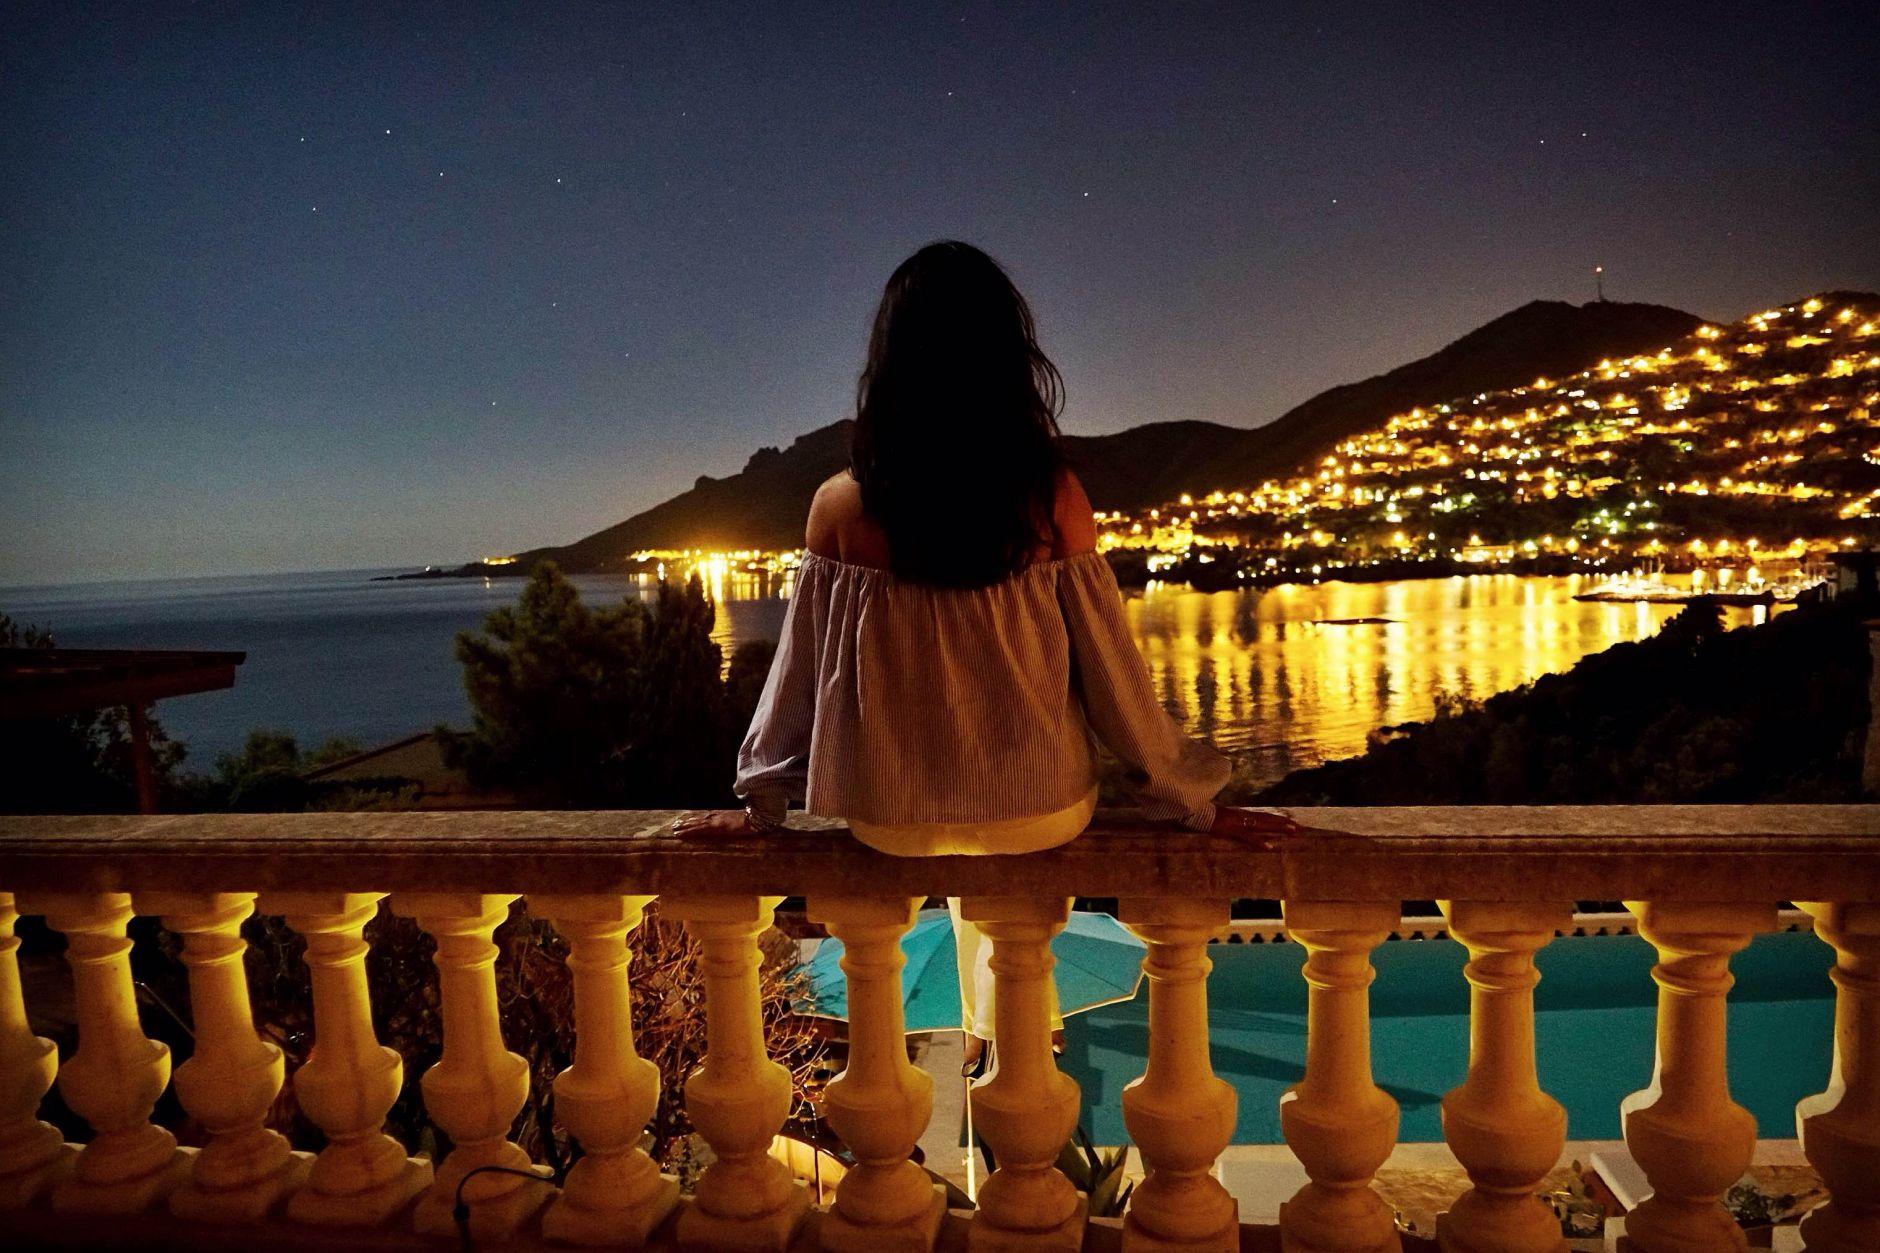 07-travel-lifestyle-hotel-tiara-yaktsa-cote-dazur-disi-couture